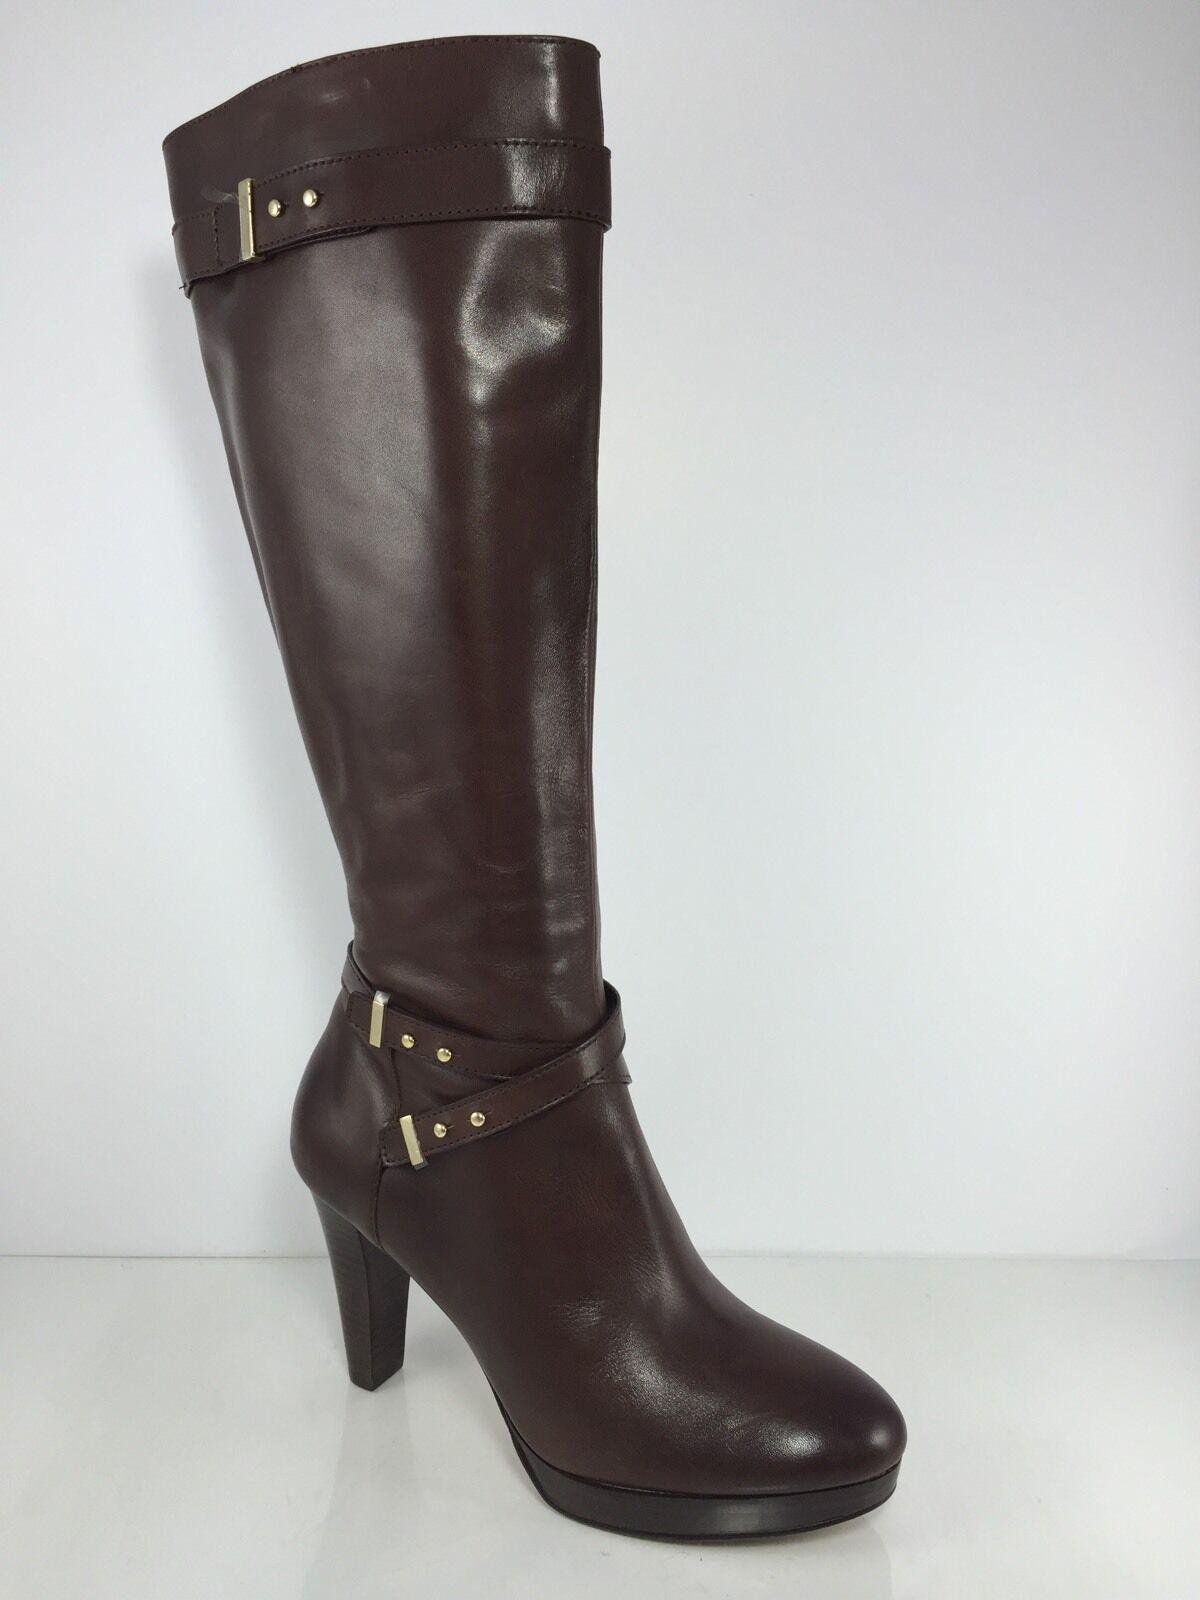 Cole Haan damen braun Leather Stiefel Stiefel Stiefel 9 B 3c1807